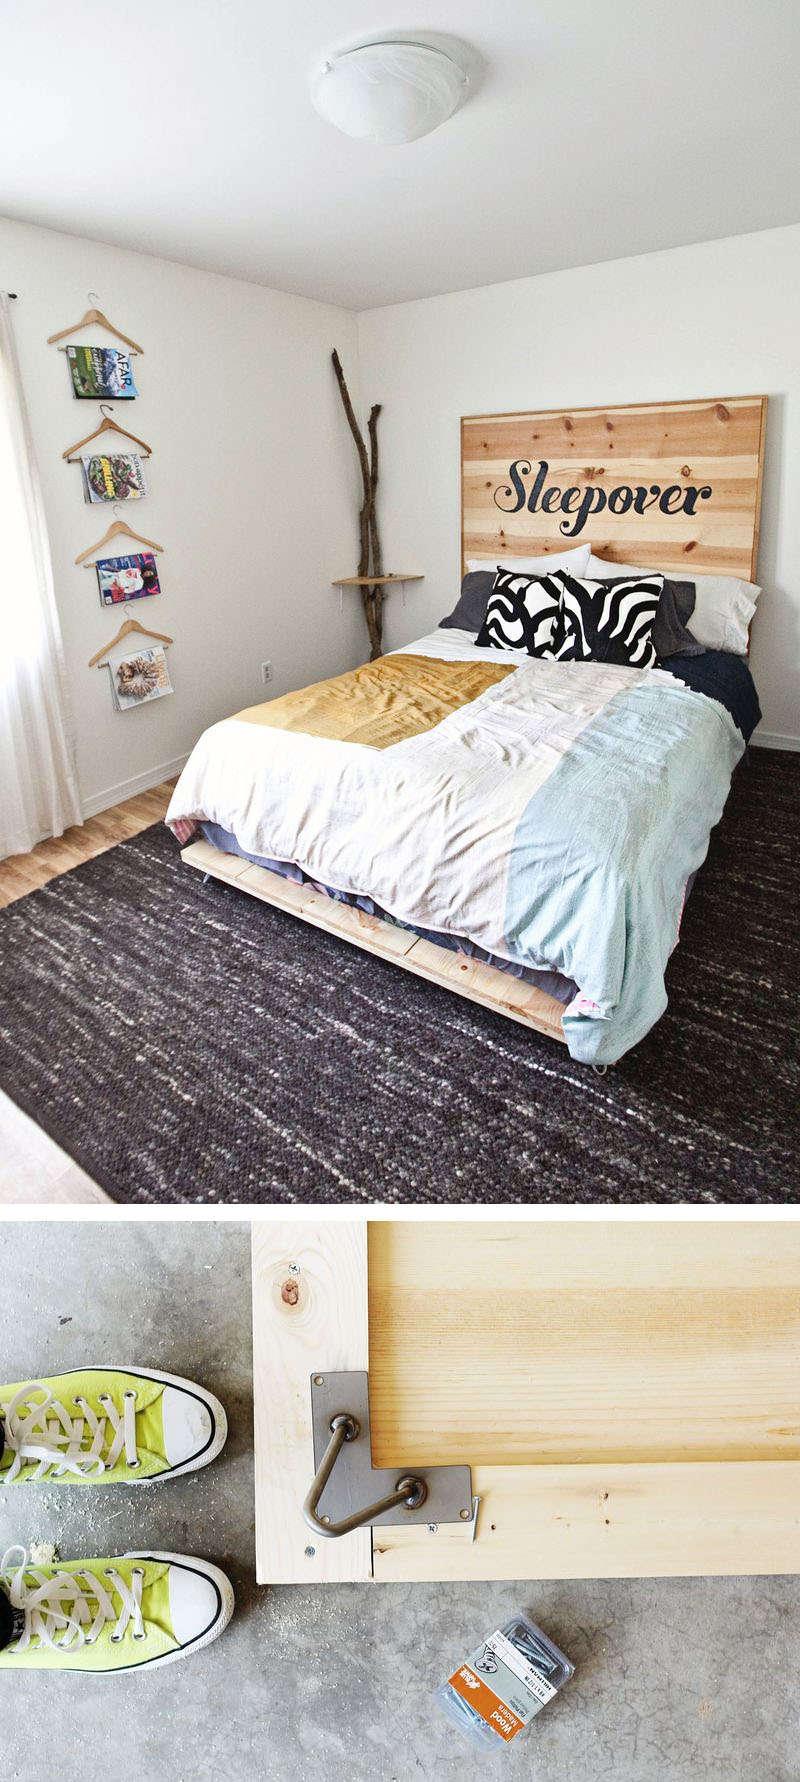 Full Size of Ausgefallene Betten Designer Außergewöhnliche Amerikanische Landhausstil Bei Ikea Frankfurt 200x220 Günstig Kaufen Mit Matratze Und Lattenrost 140x200 Bock Bett Ausgefallene Betten